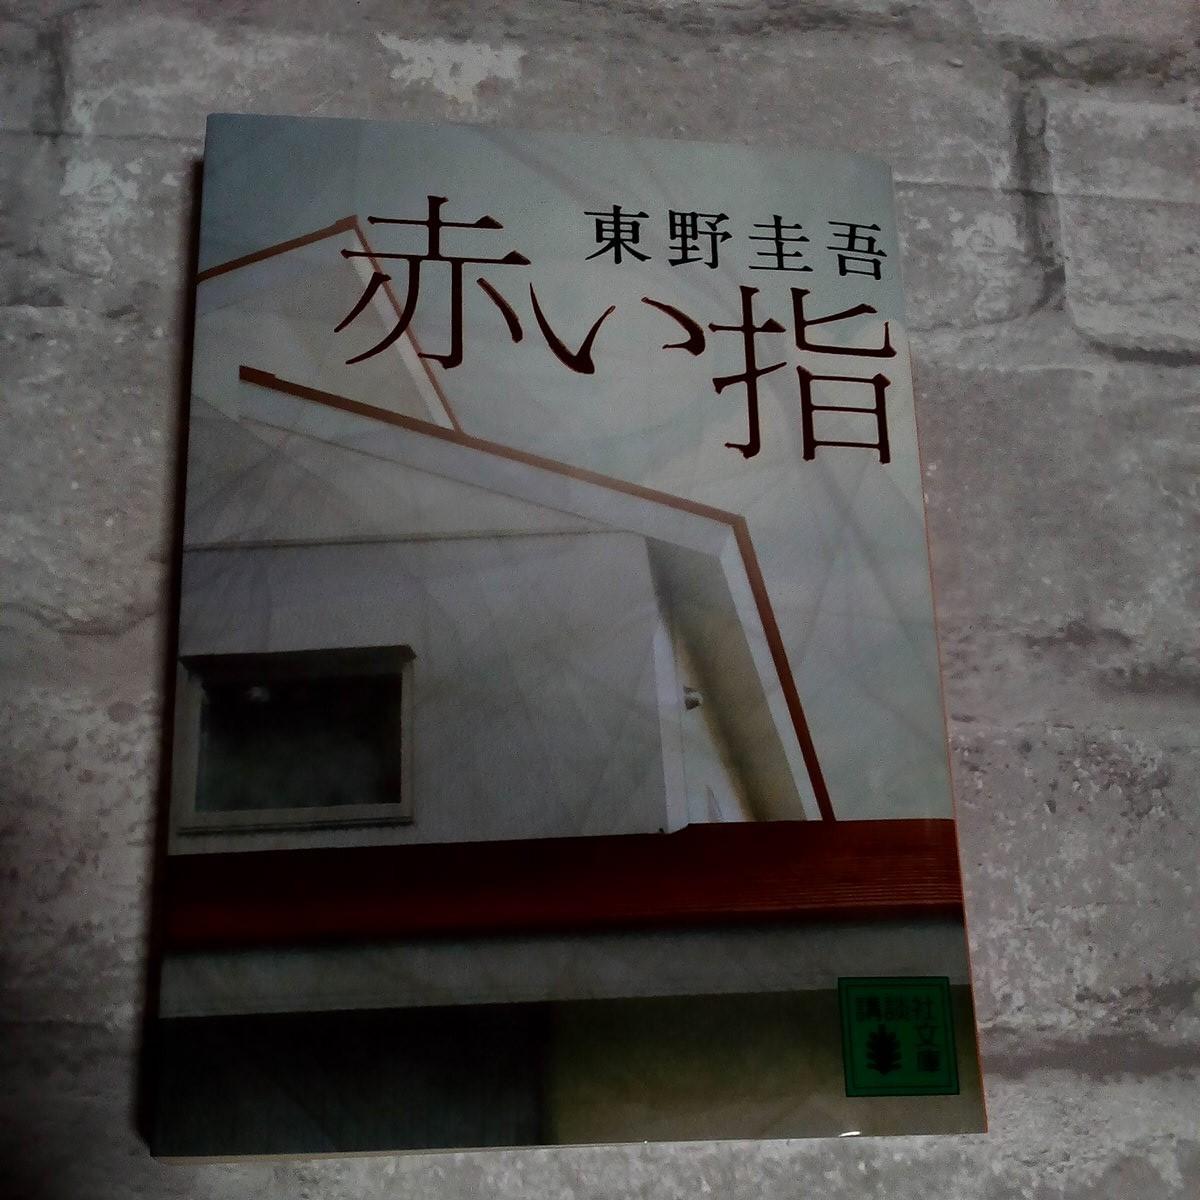 赤い指    / 東野圭吾  著 - 講談社